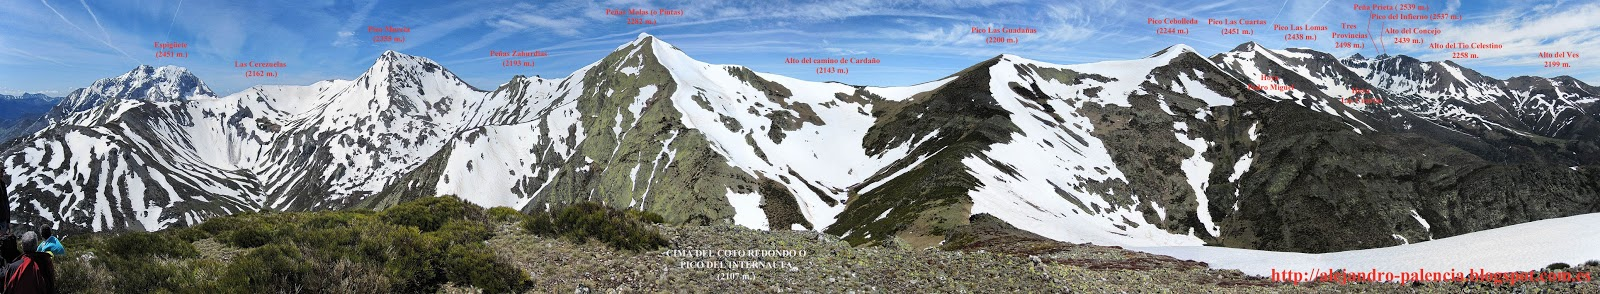 Panorámica montaña Palentina-espigüete-el ves